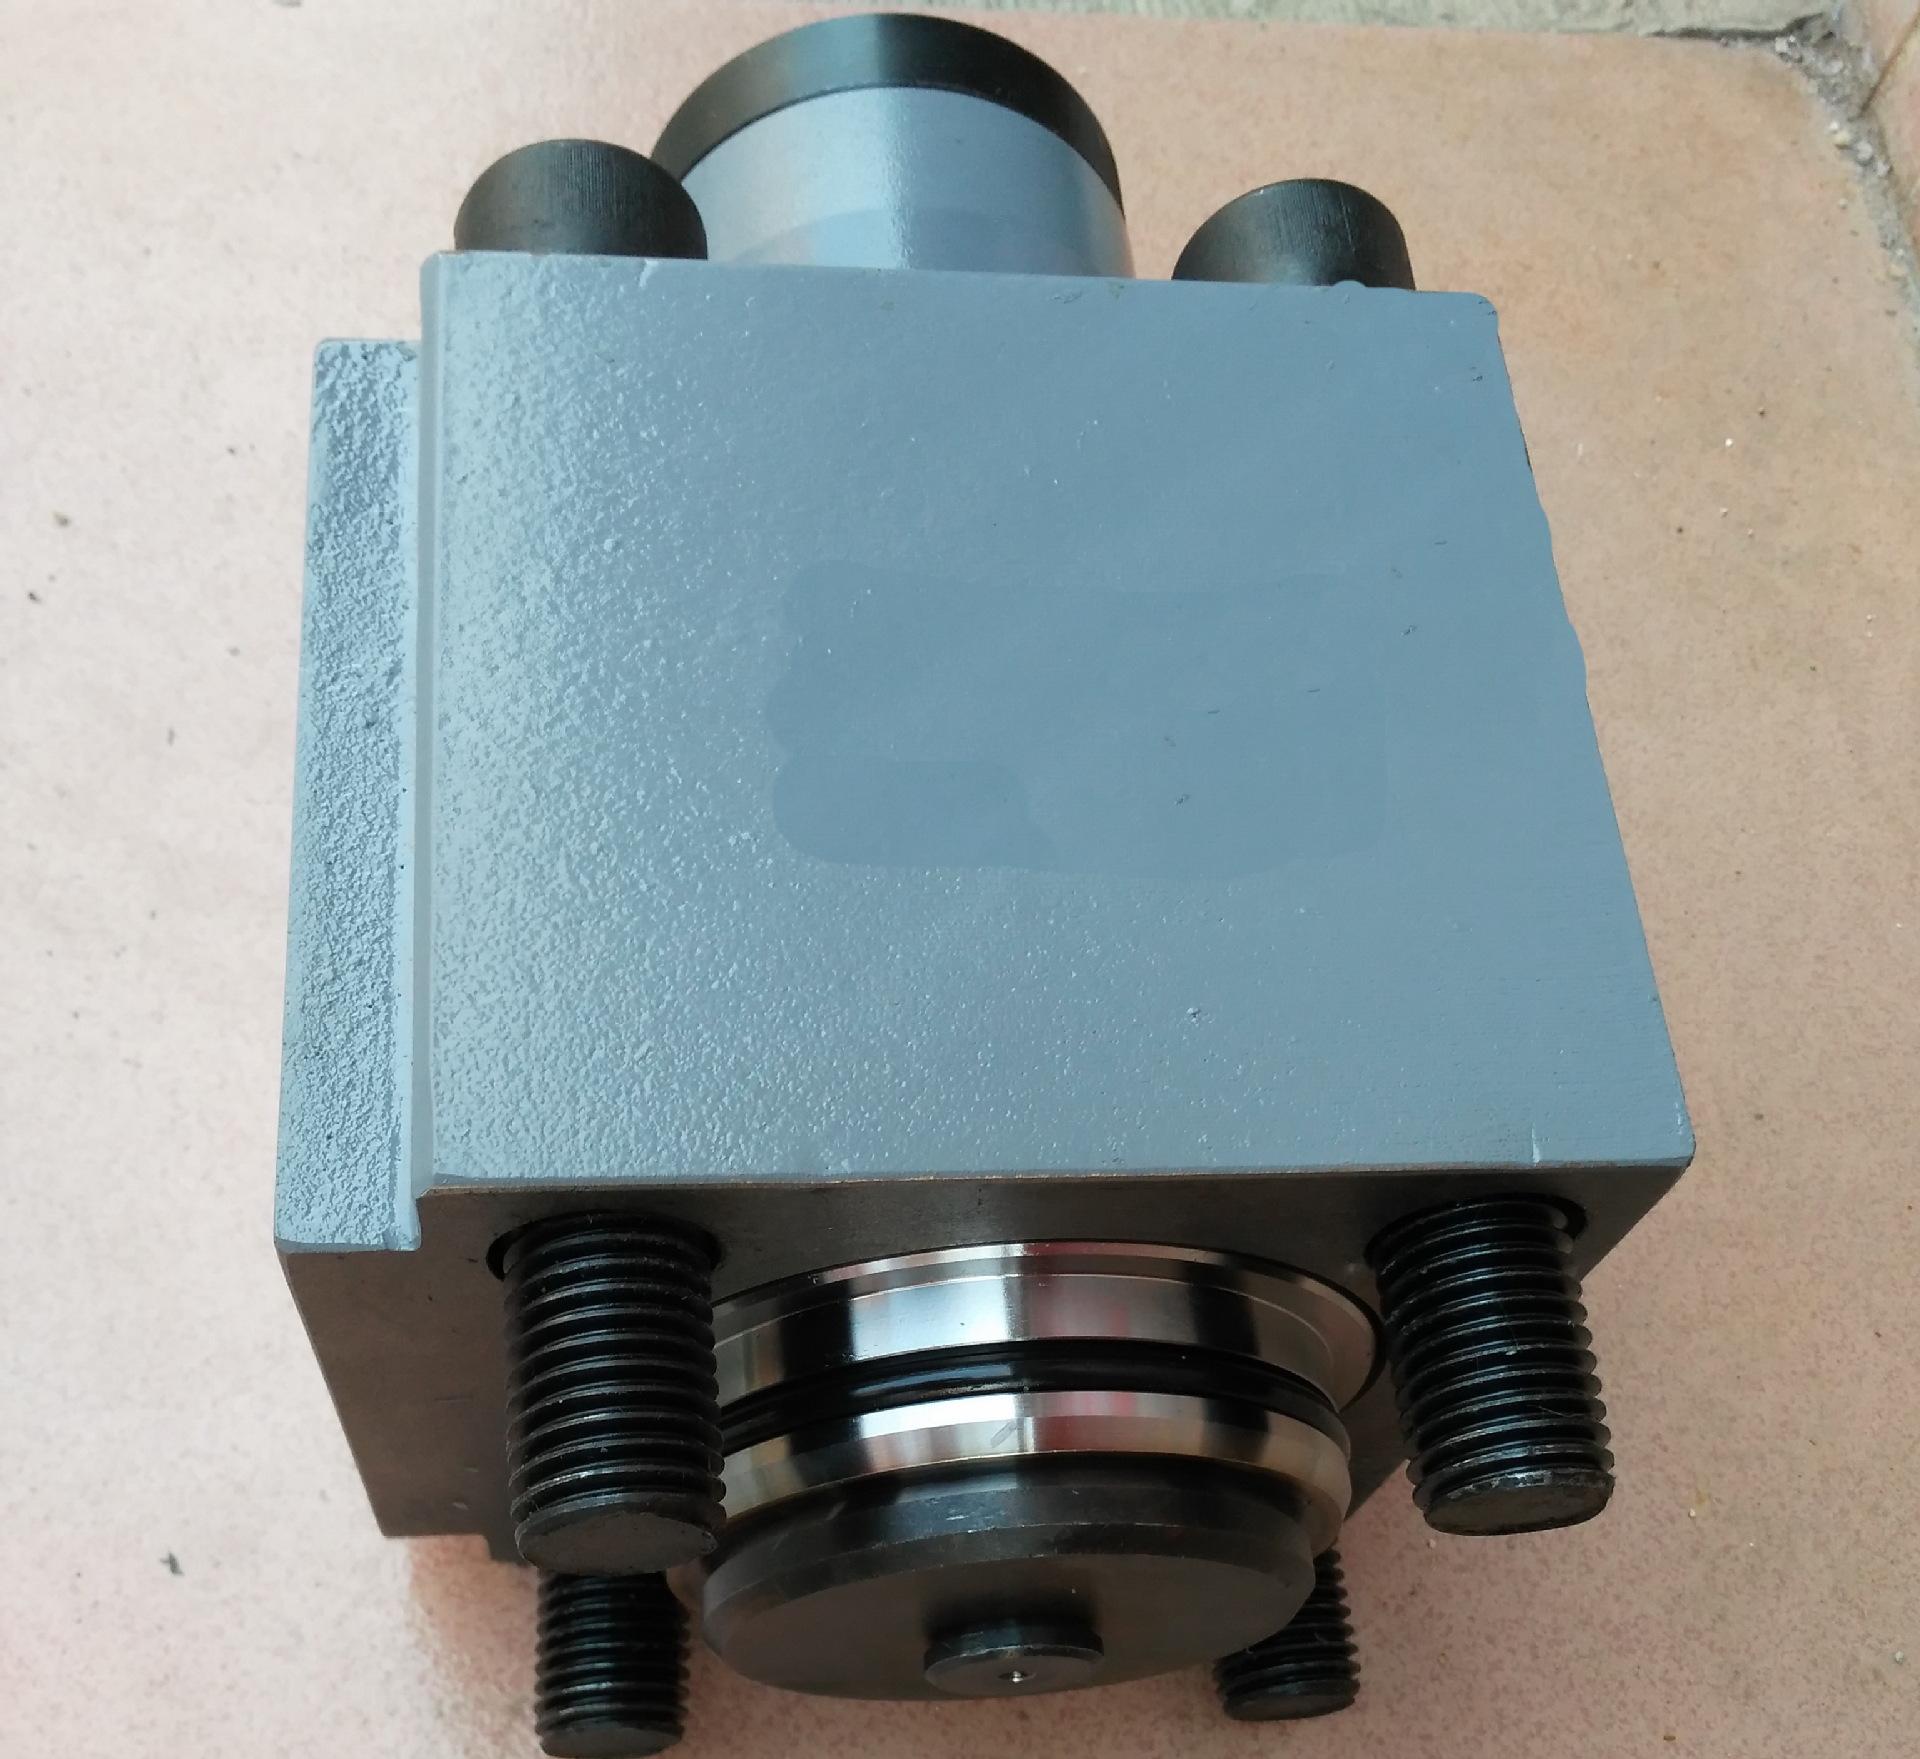 直供新款式佛山四柱液压机压力机充液阀50A1 CPDF16,SG16,PF-80